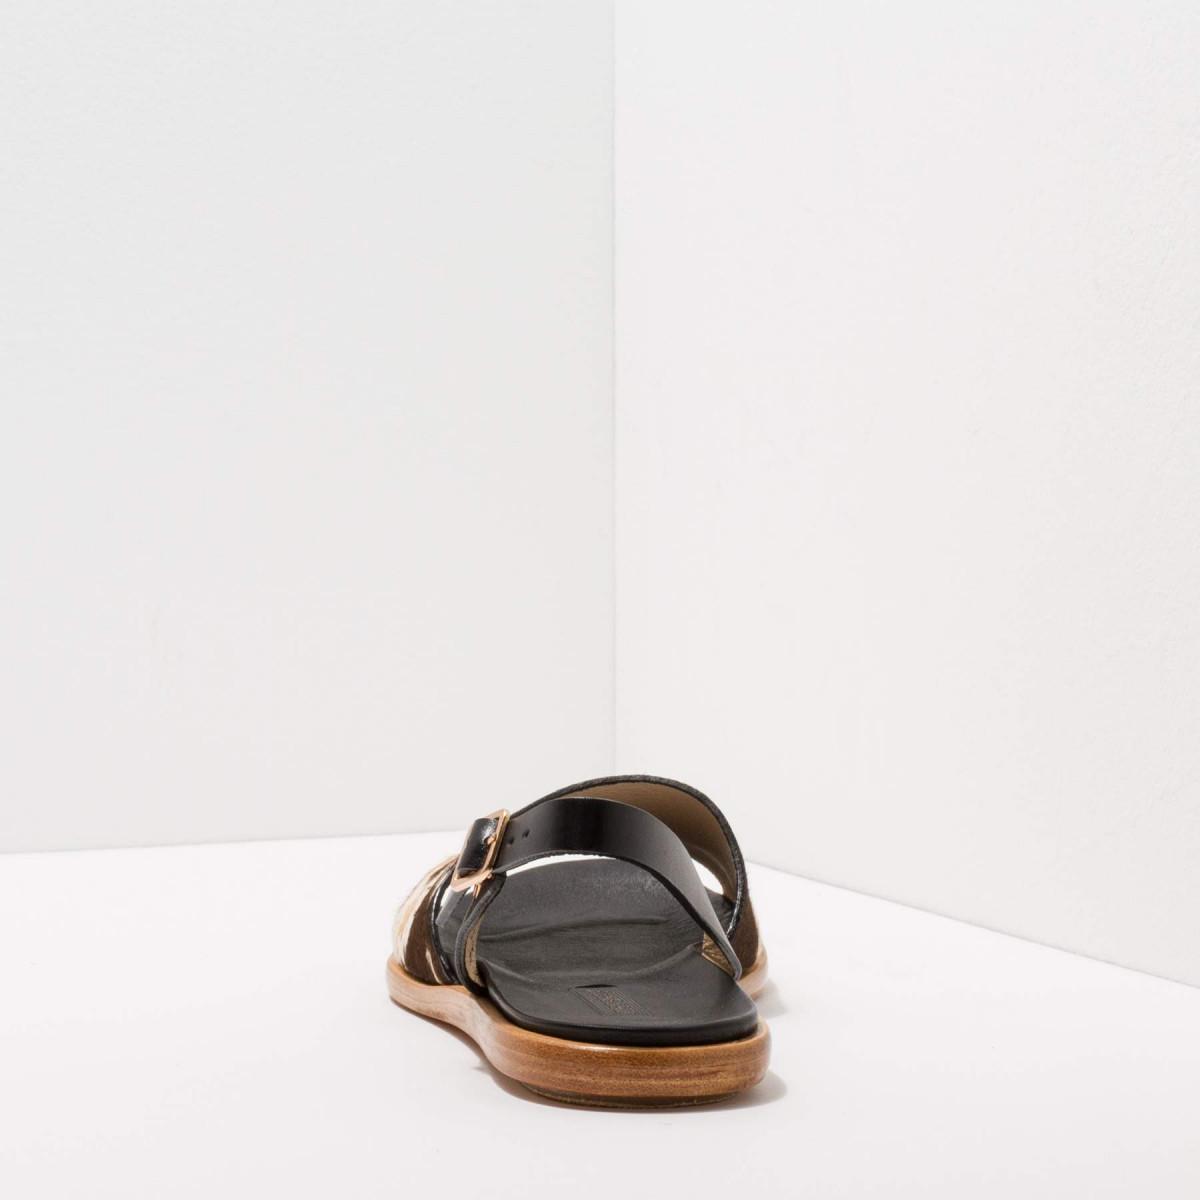 Sandales plates style minorquine en cuir - Neosens